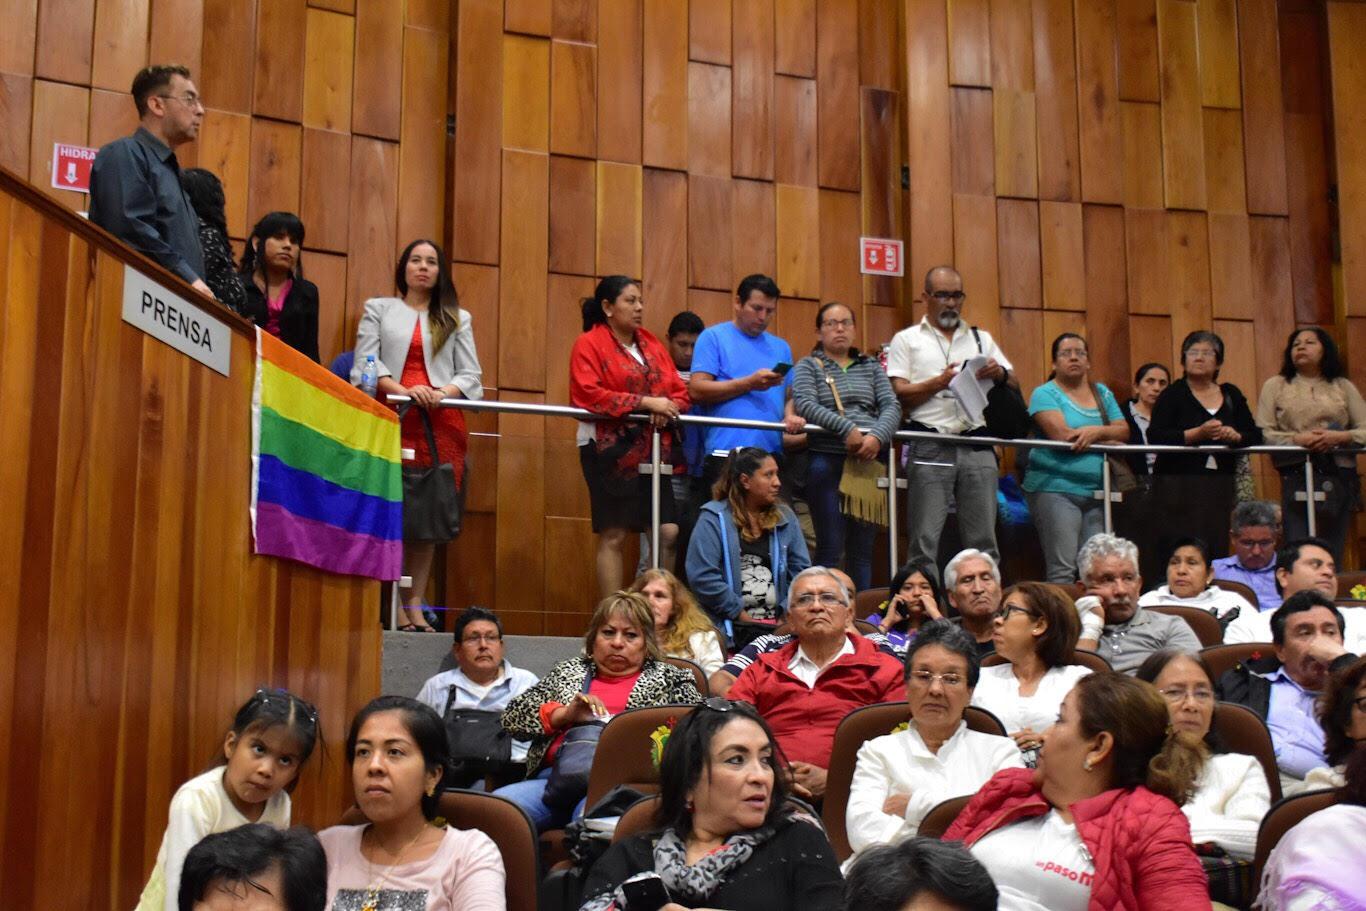 Iglesia se moviliza por temor de aprobación al matrimonio gay